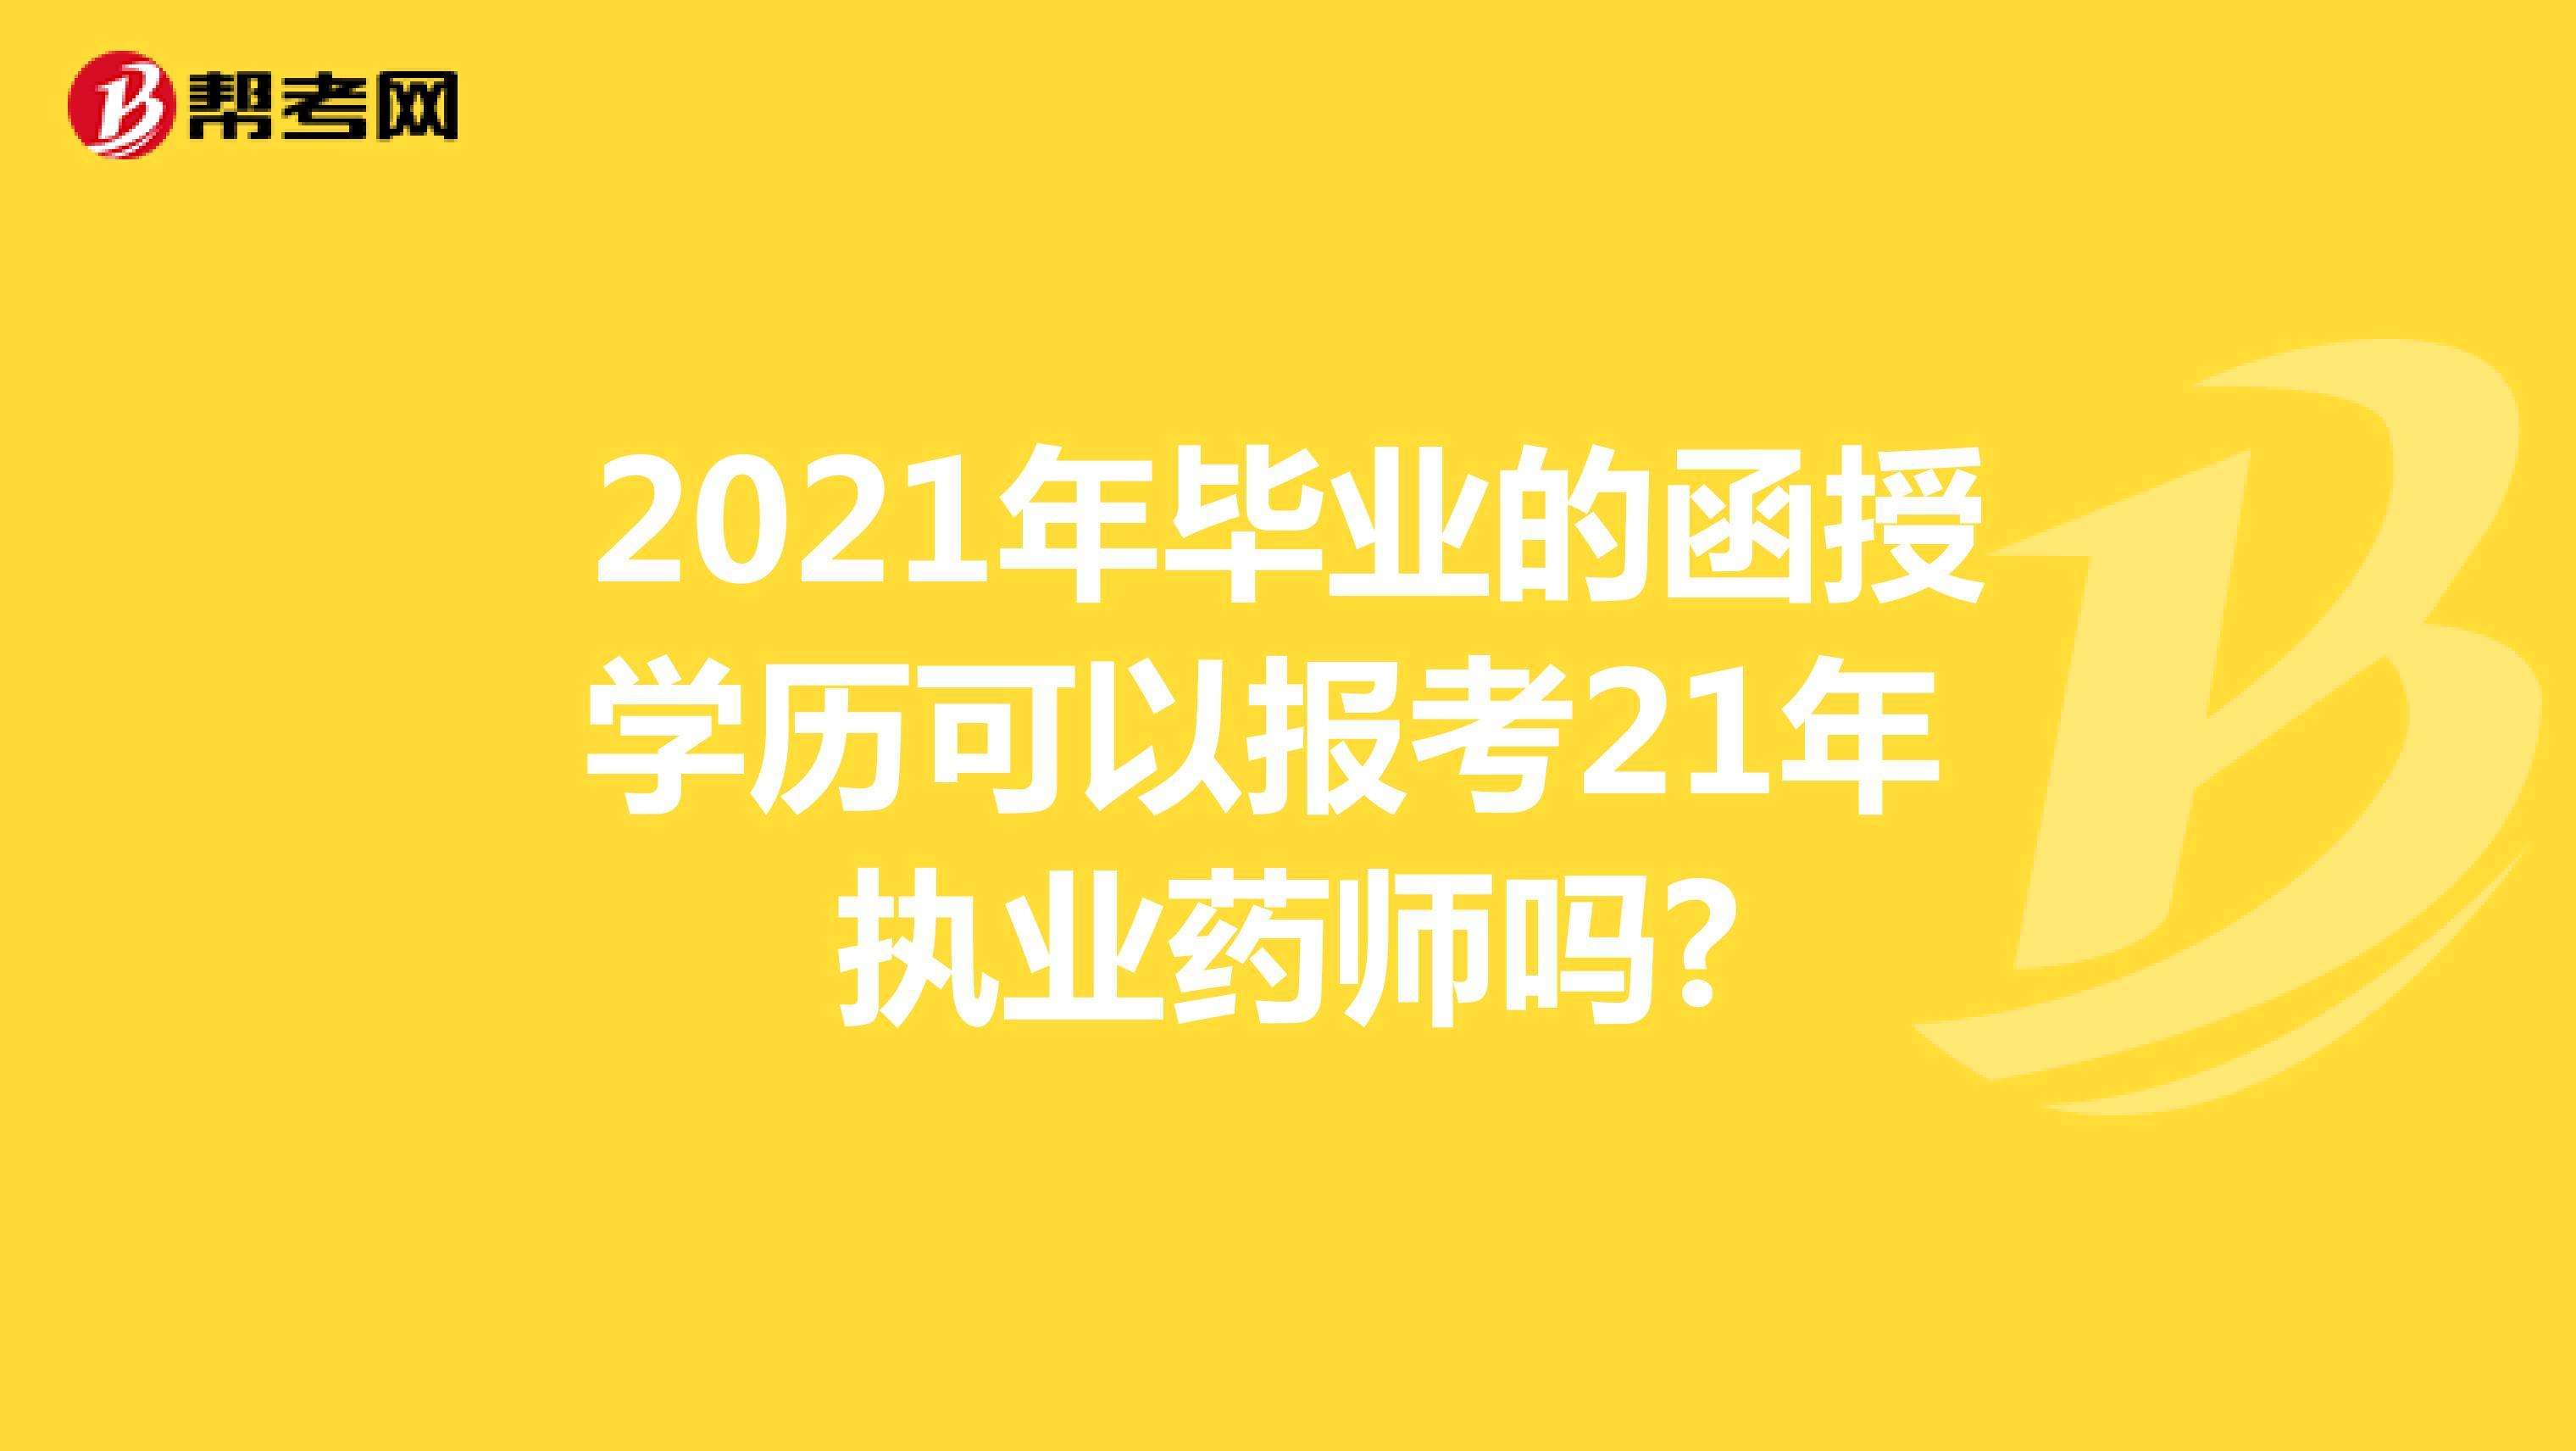 2021年毕业的函授学历可以报考21年执业药师吗?